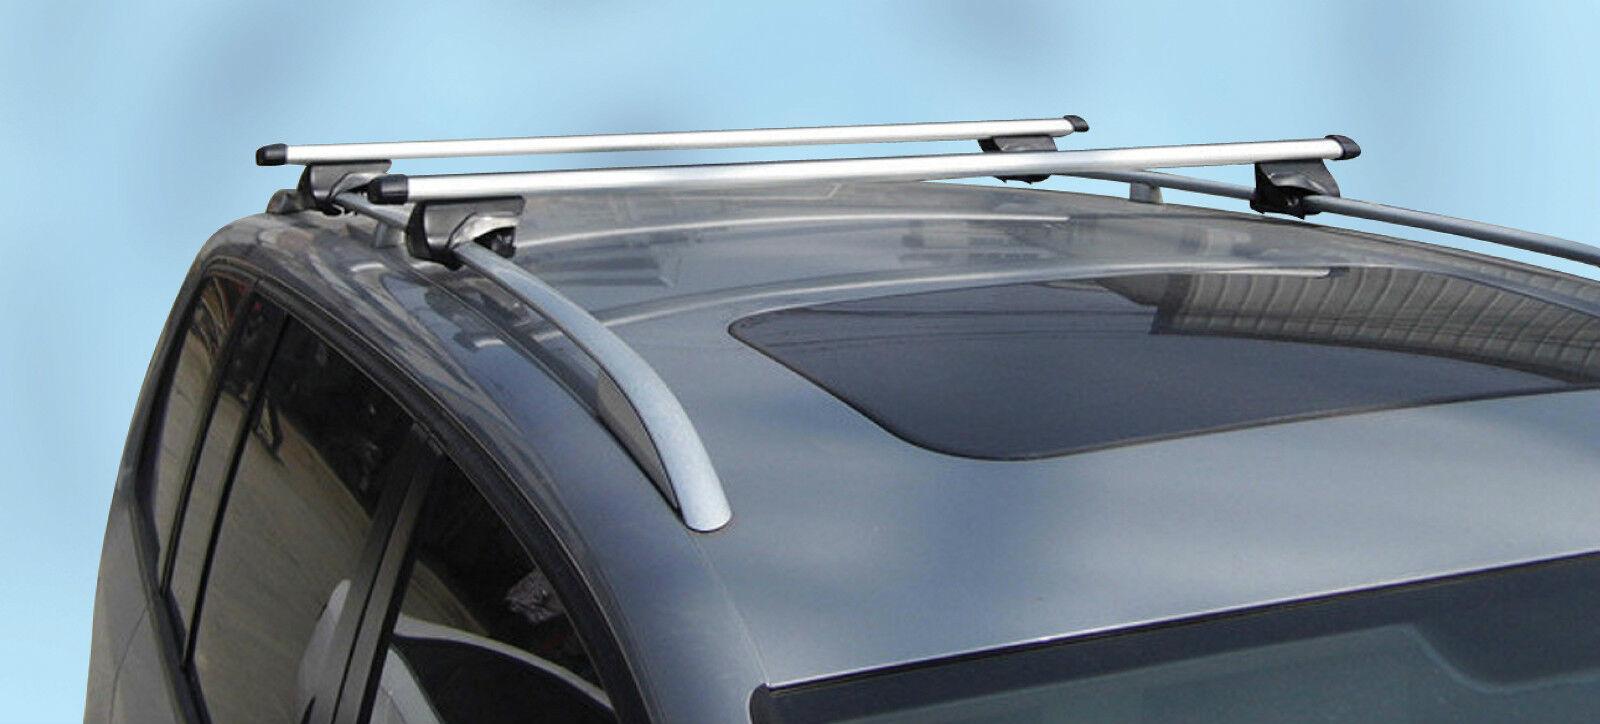 MPE Lockable Aluminium Car Roof Rack Rail Bars for